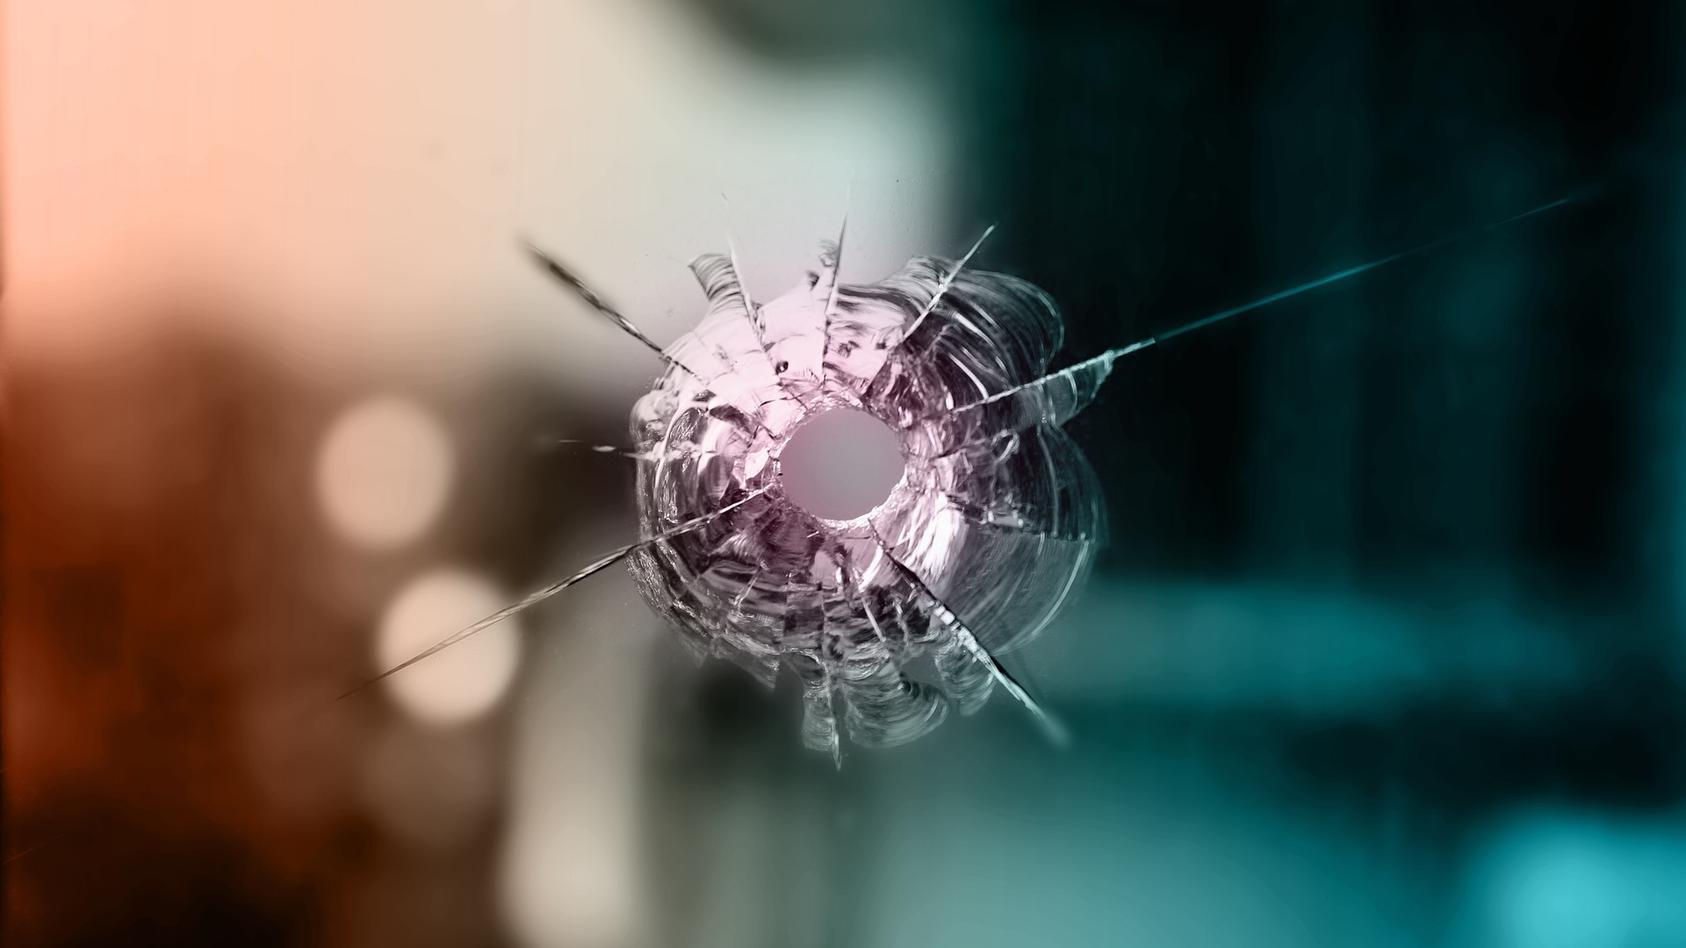 Die Kugel durchschlug erst eine Wand und dann ein Fenster im Nachbargebäude. (Symbolbild)